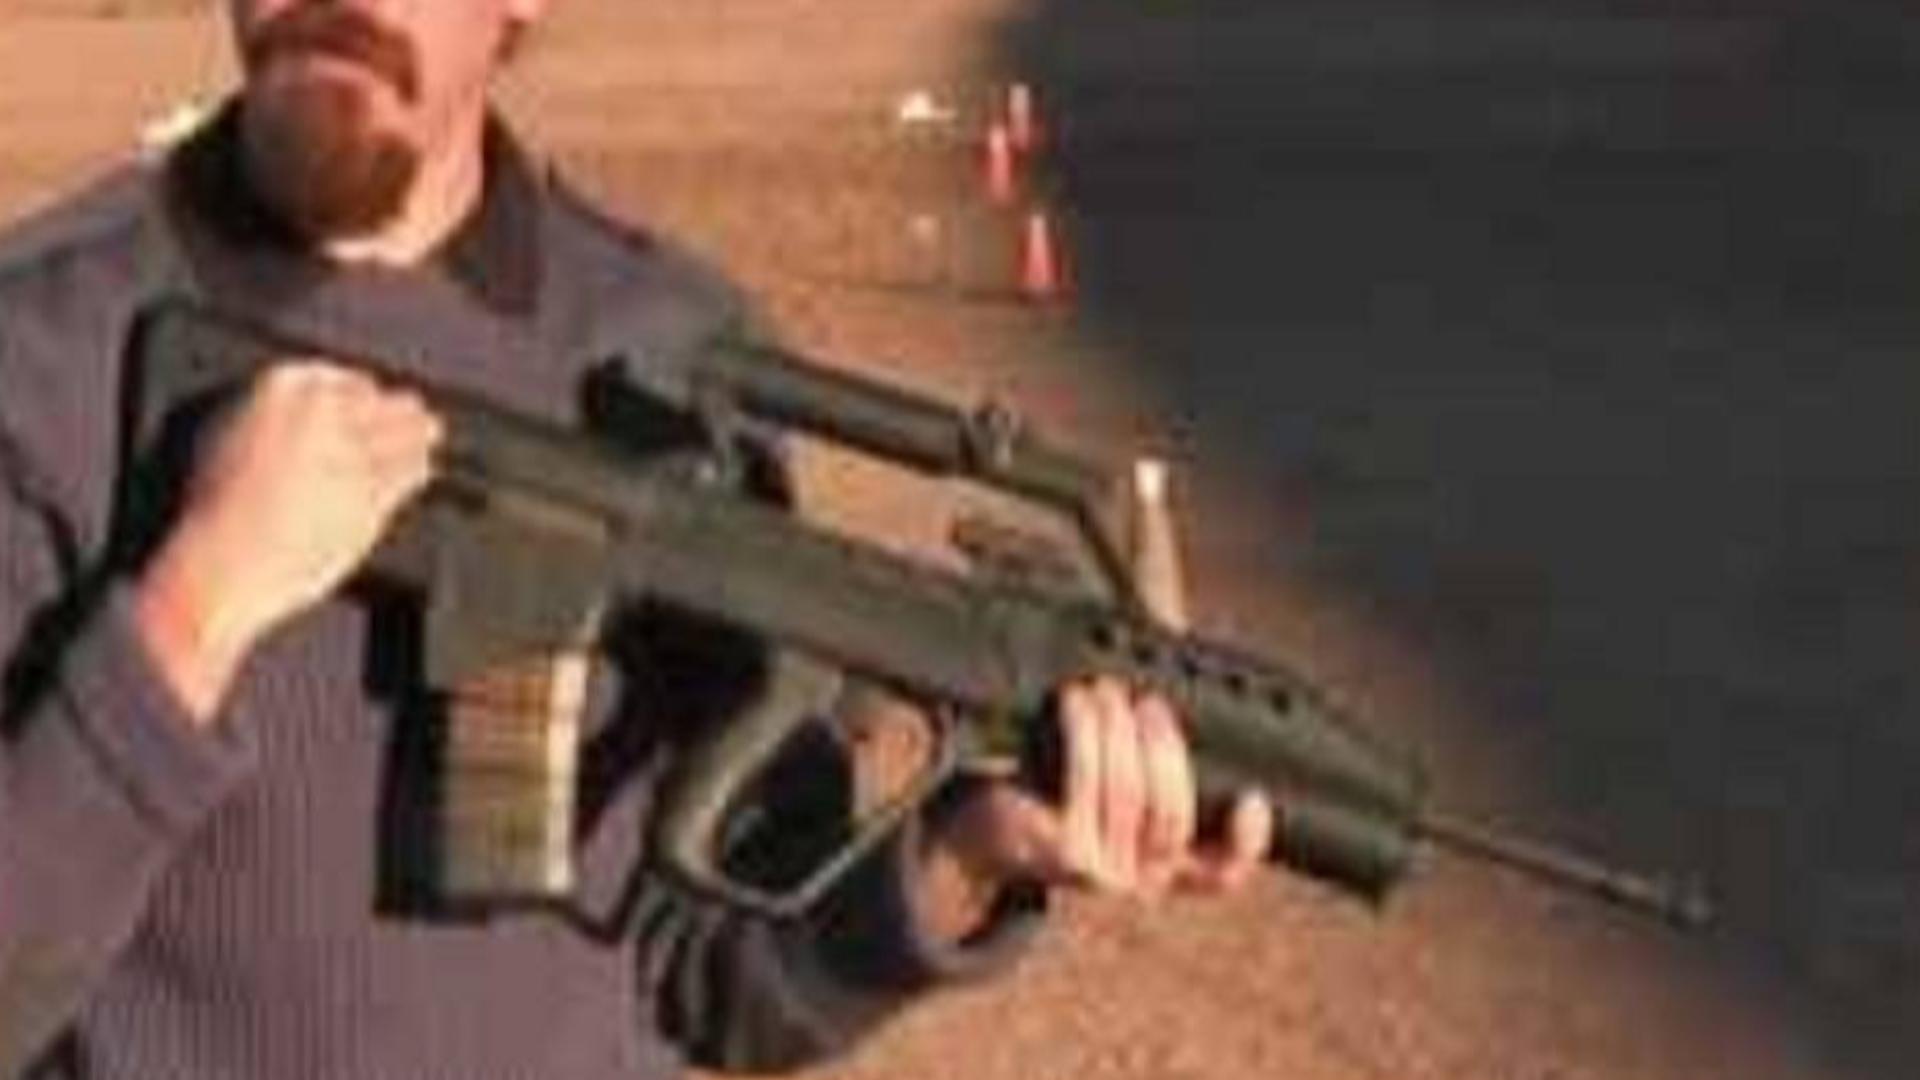 【搬运/已加工字幕】新加坡SAR21步枪 基本介绍